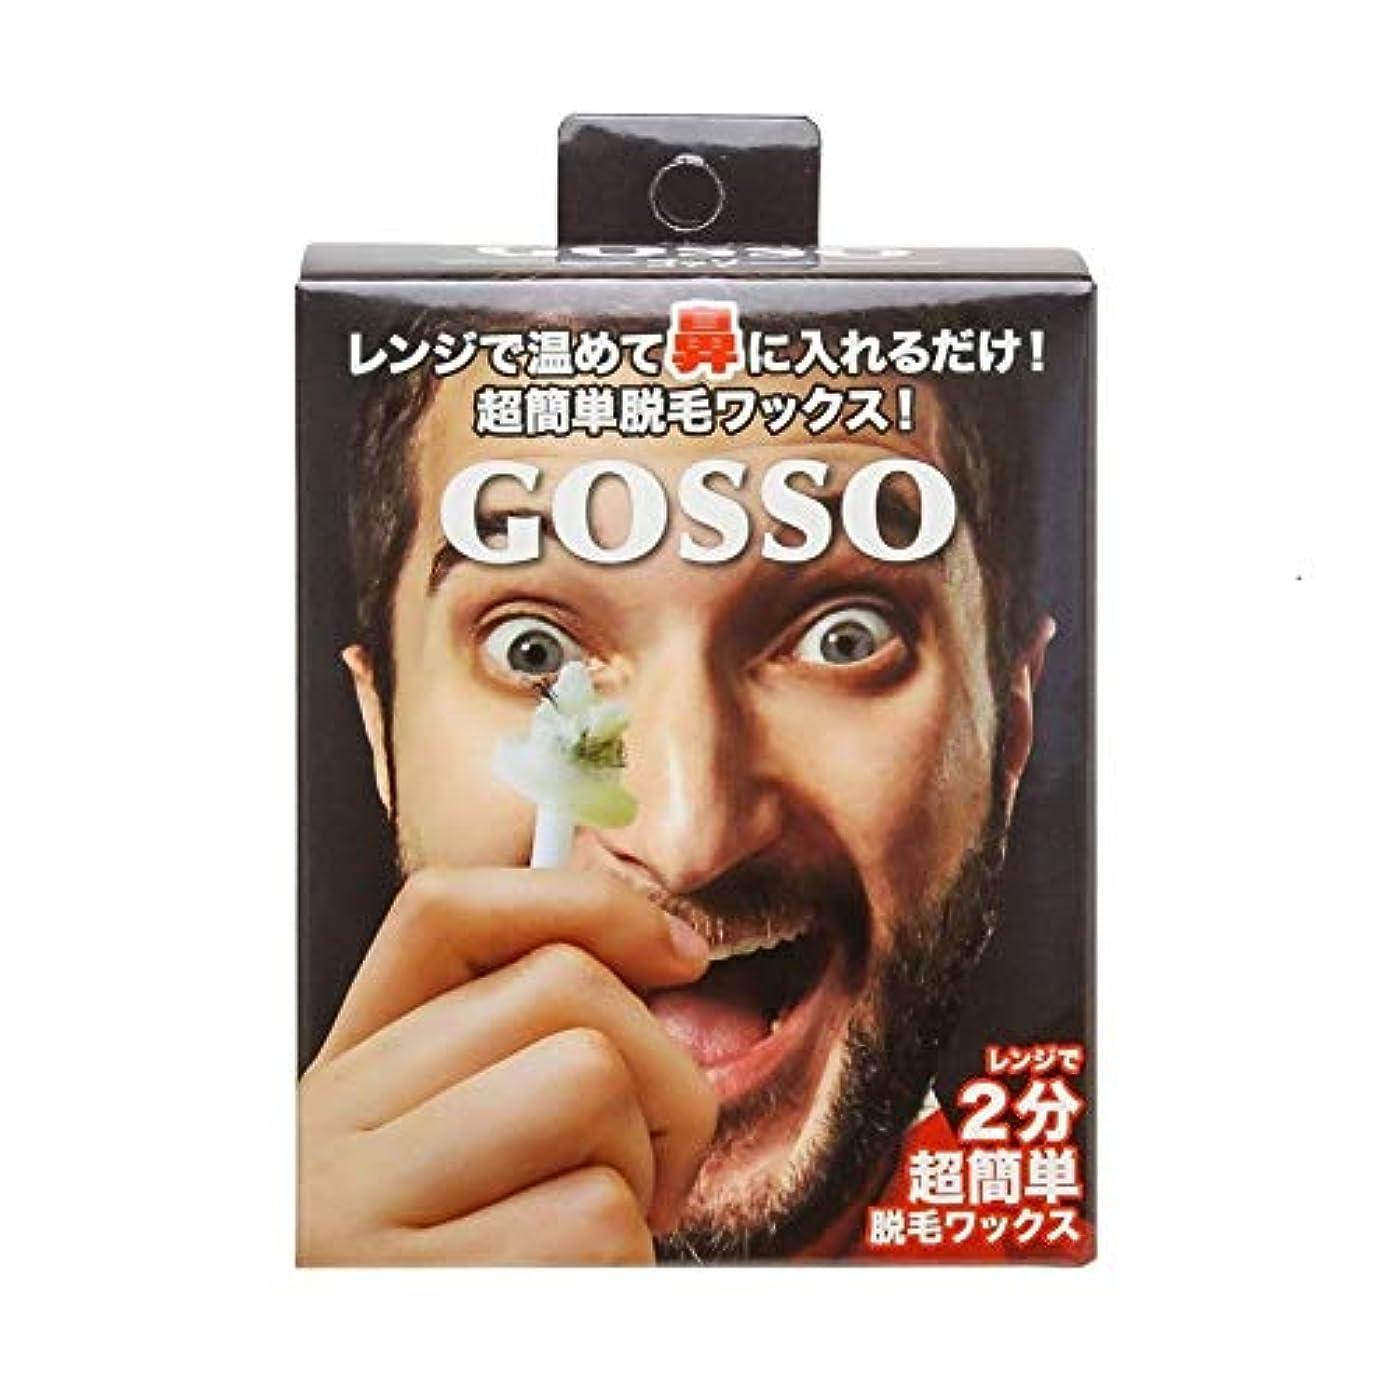 ミネラルバラバラにする役立つGOSSO ゴッソ (ブラジリアンワックス鼻毛脱毛セット)